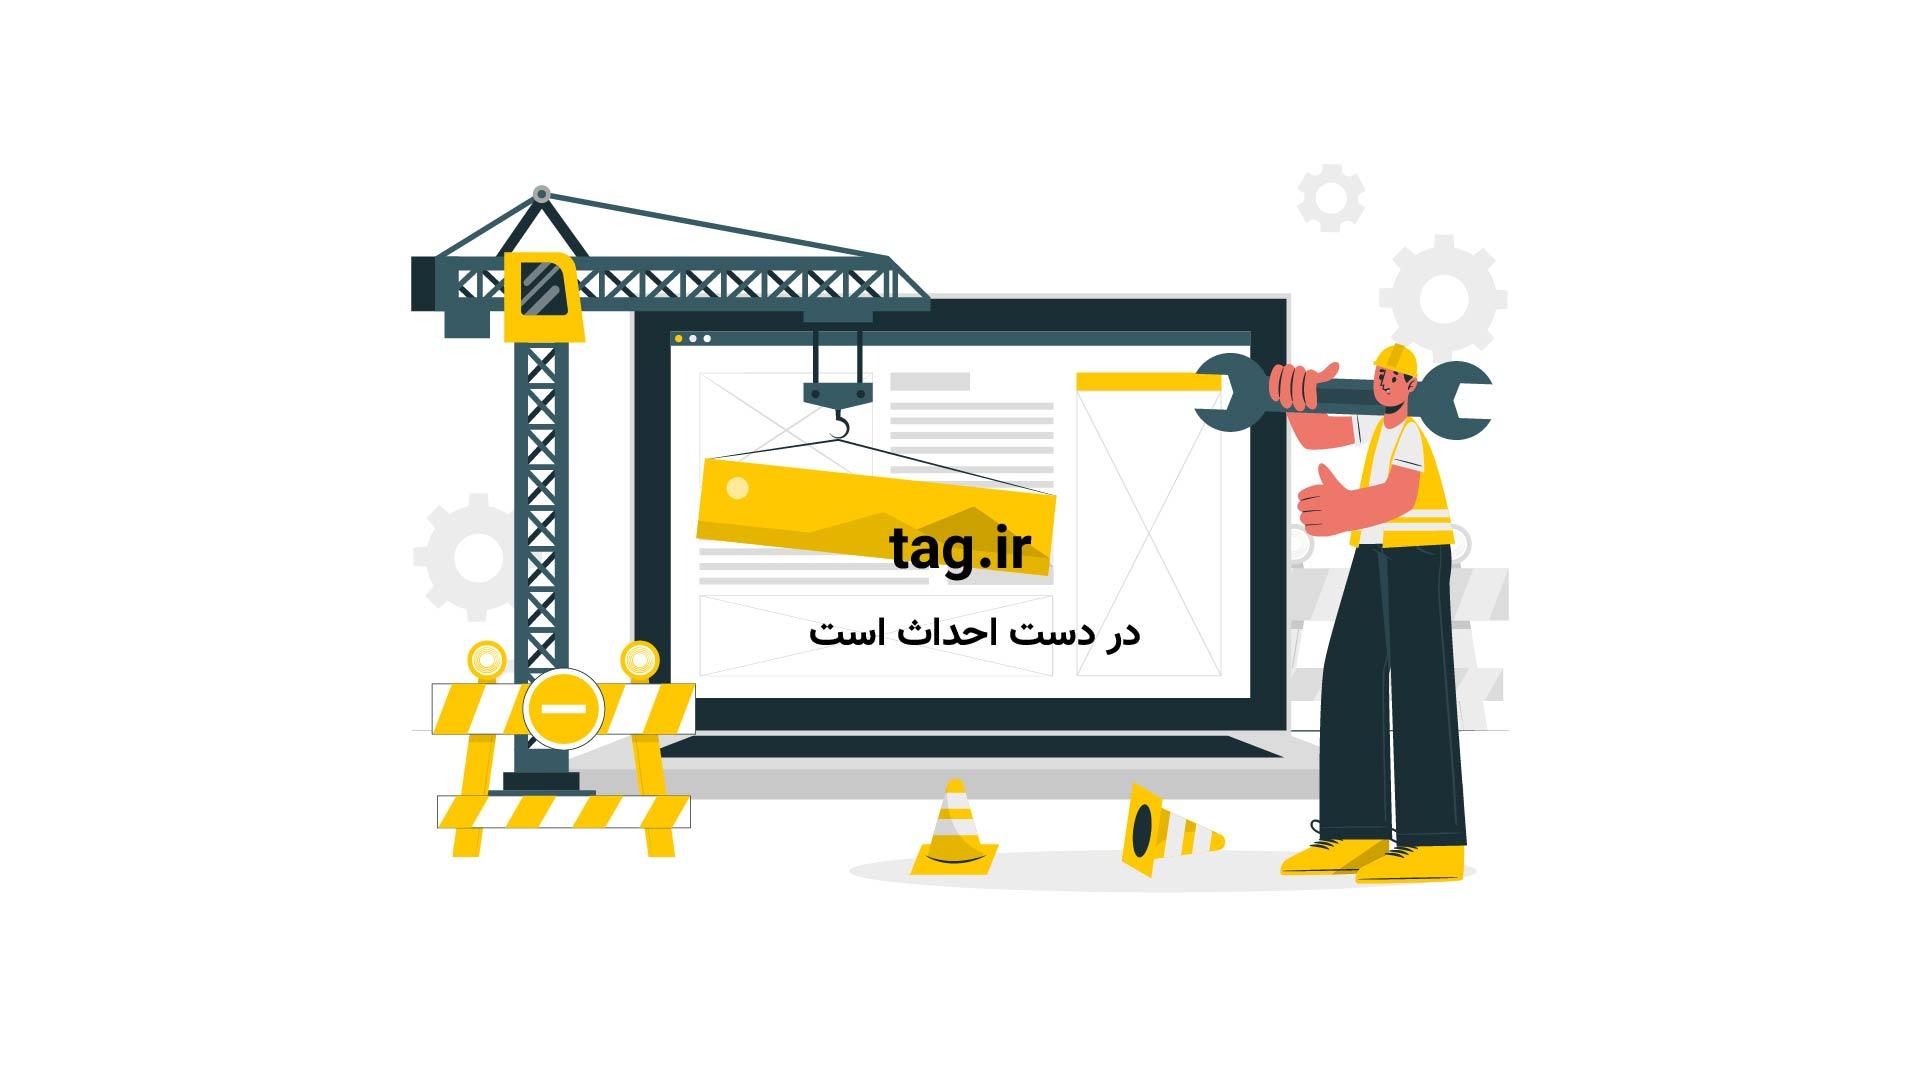 سند همکاری ایران ترکیه | تگ